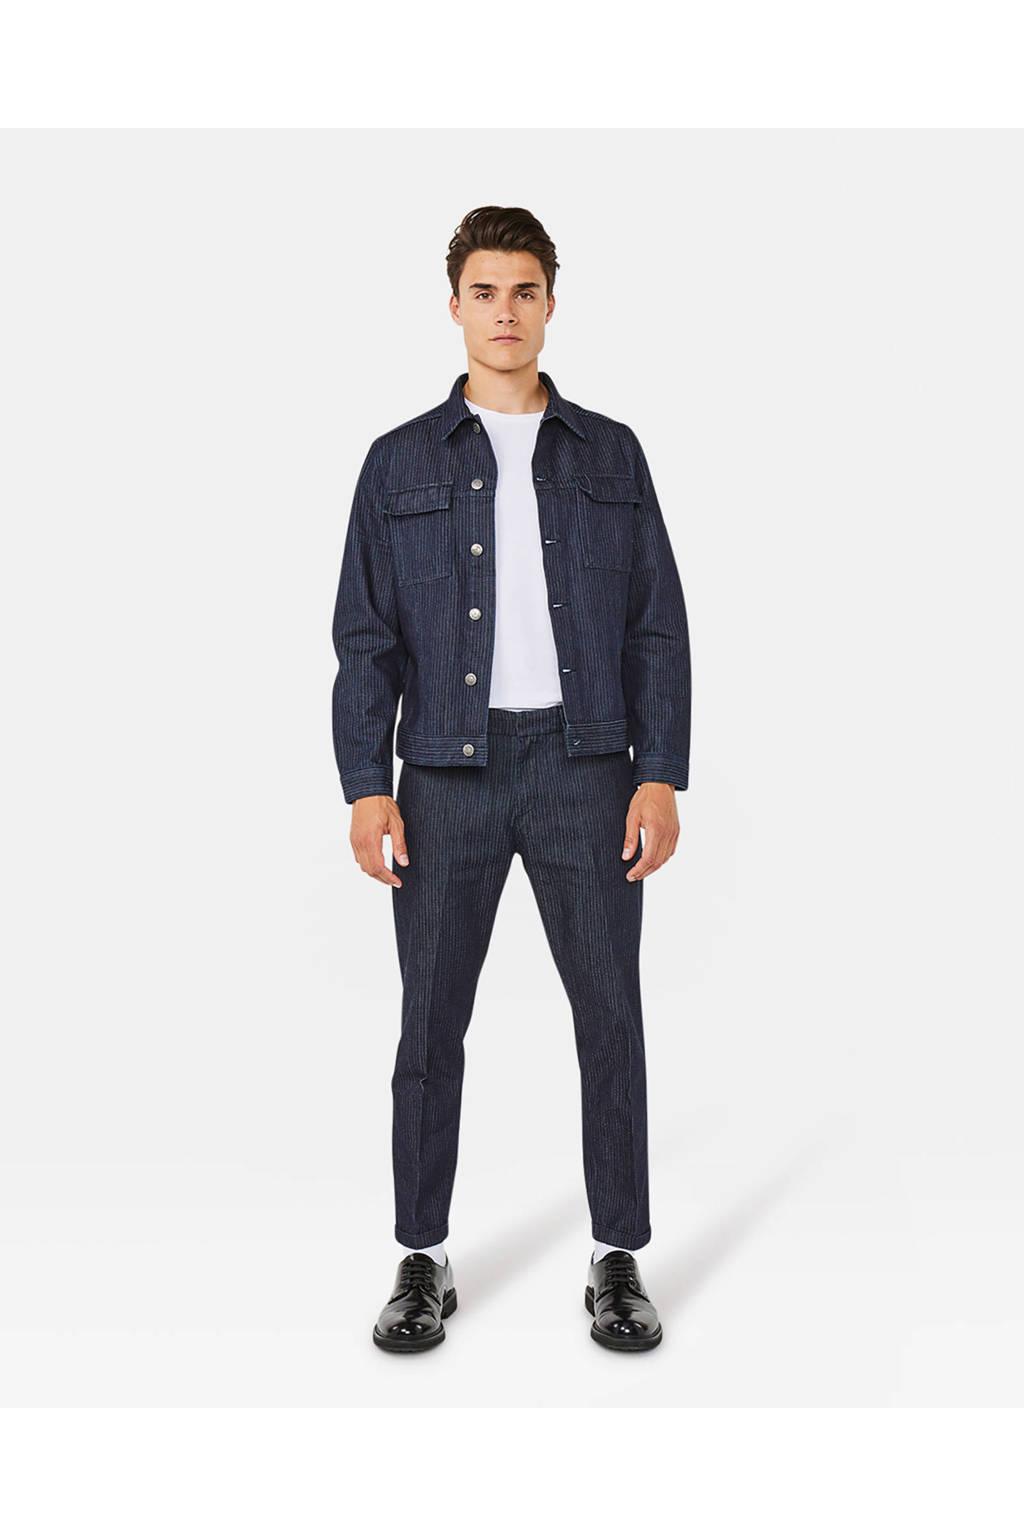 WE Fashion Blue Ridge spijkerjas met krijtstreep dark denim, Dark denim